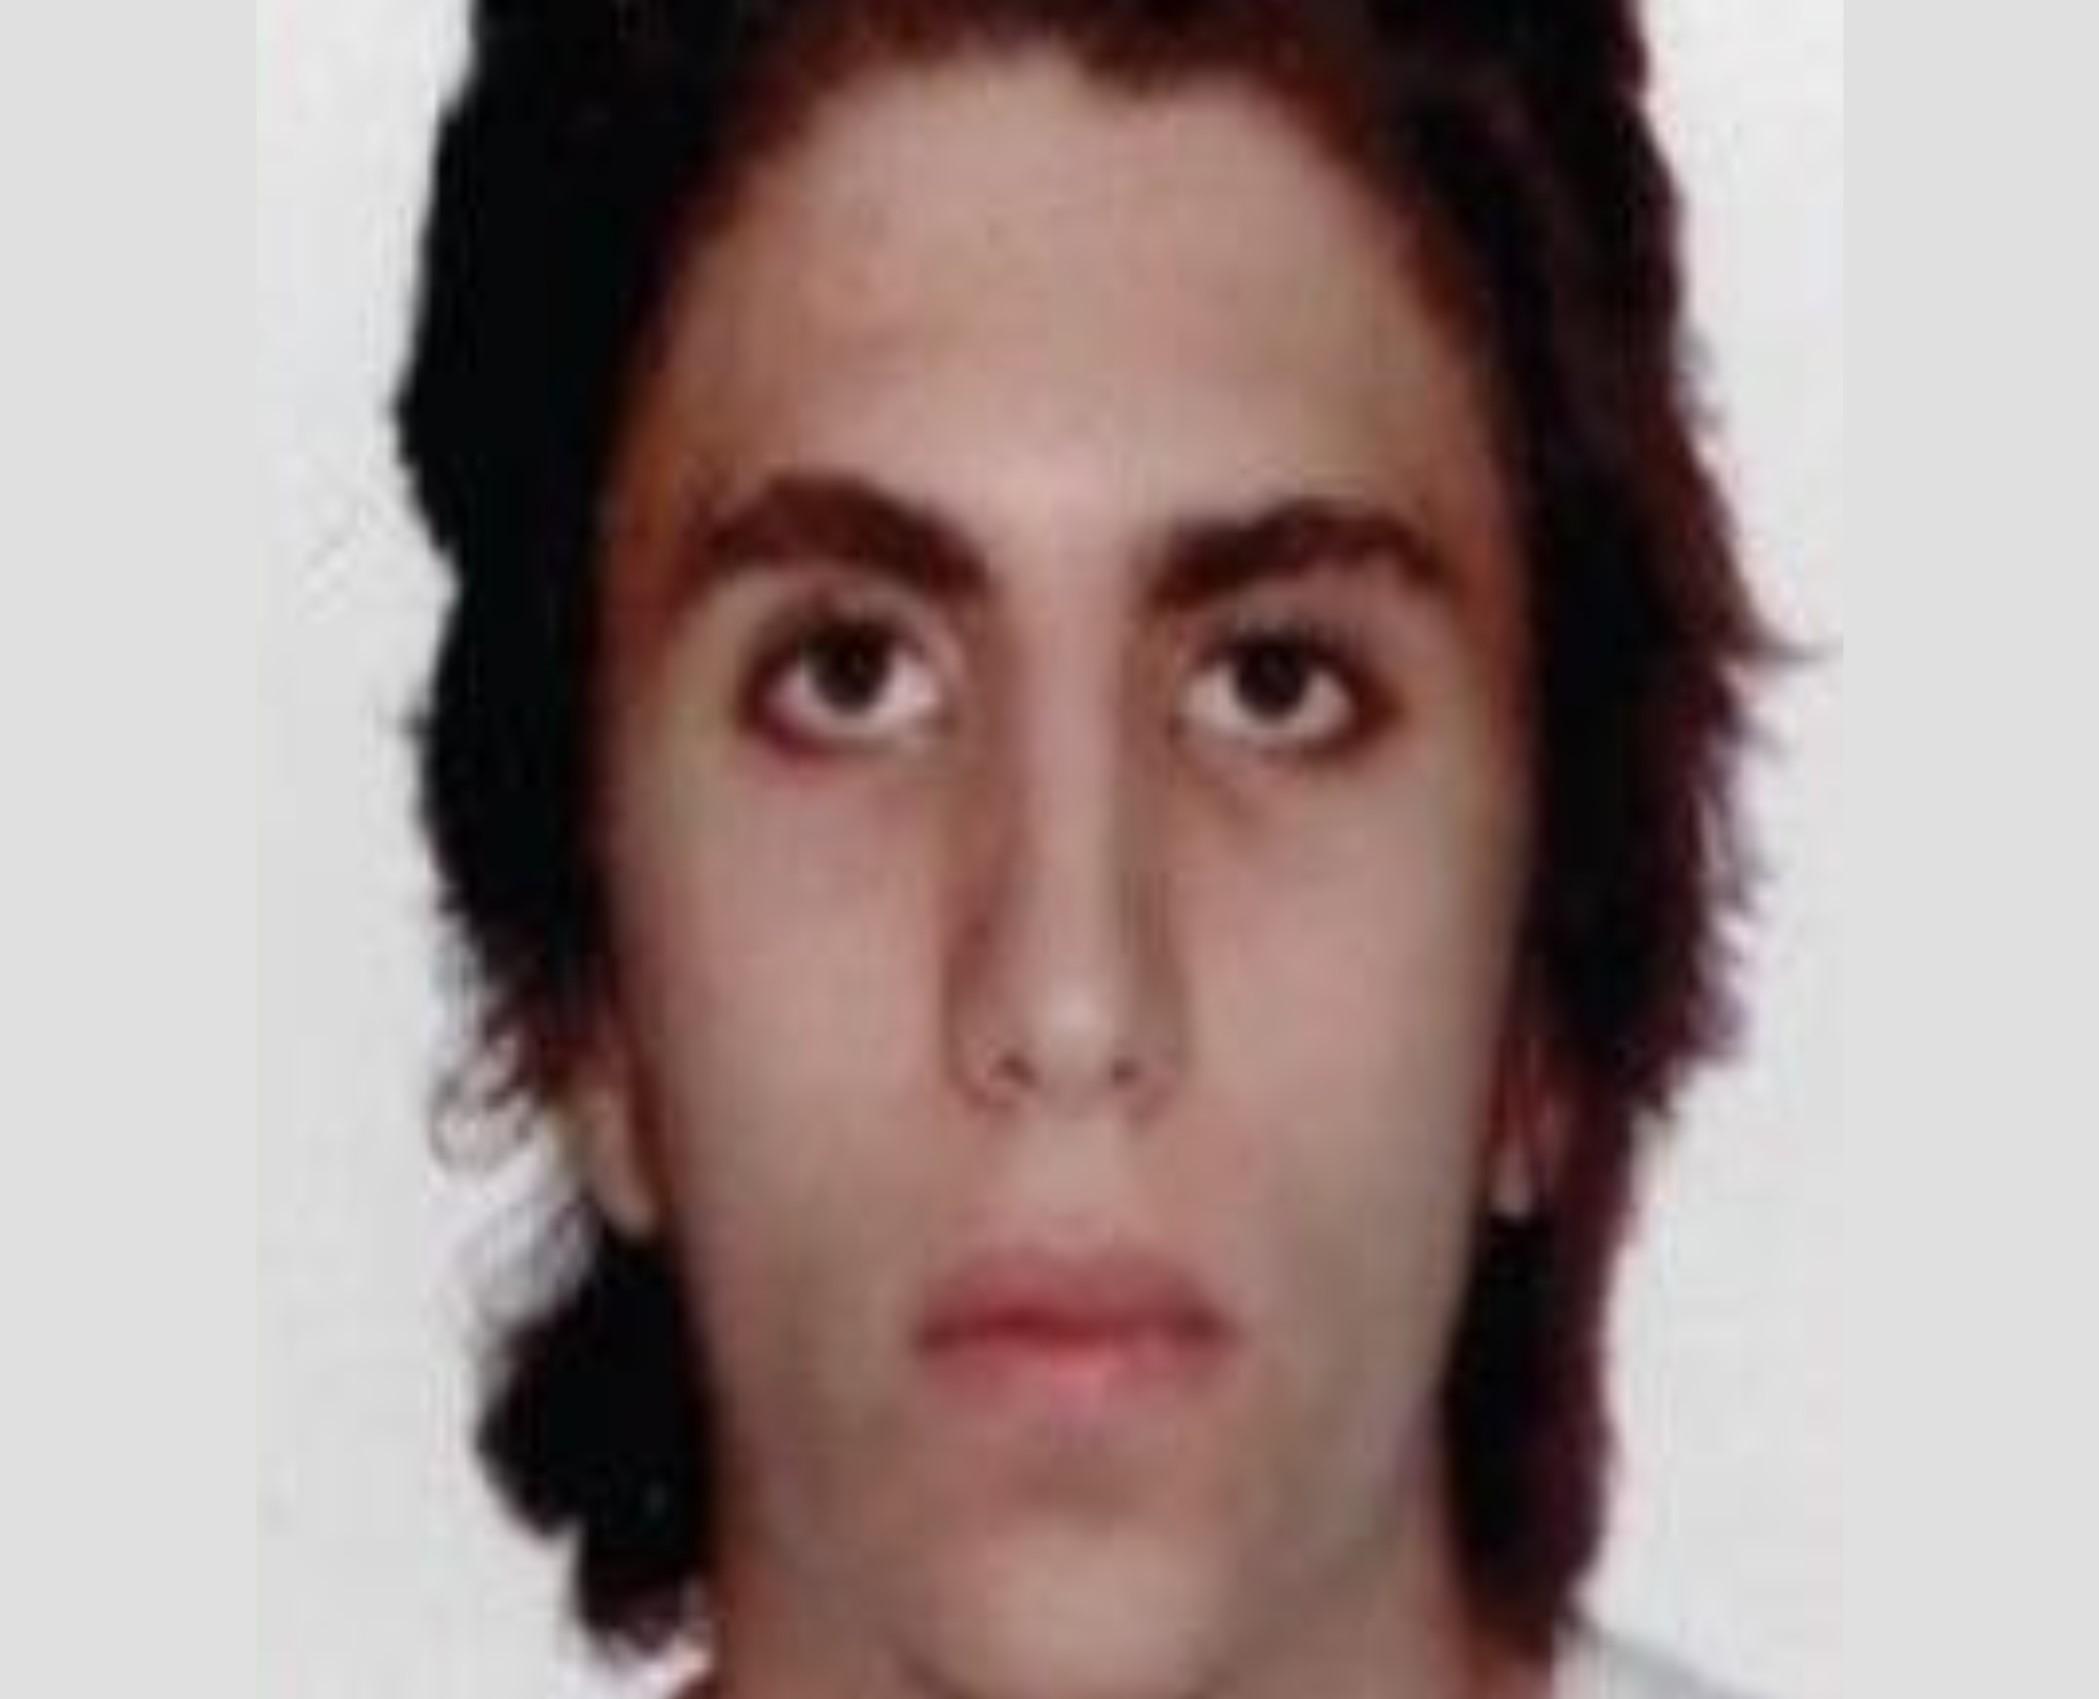 Attentato a Londra, parla la madre del terrorista italo-marocchino Youssef Zaghba